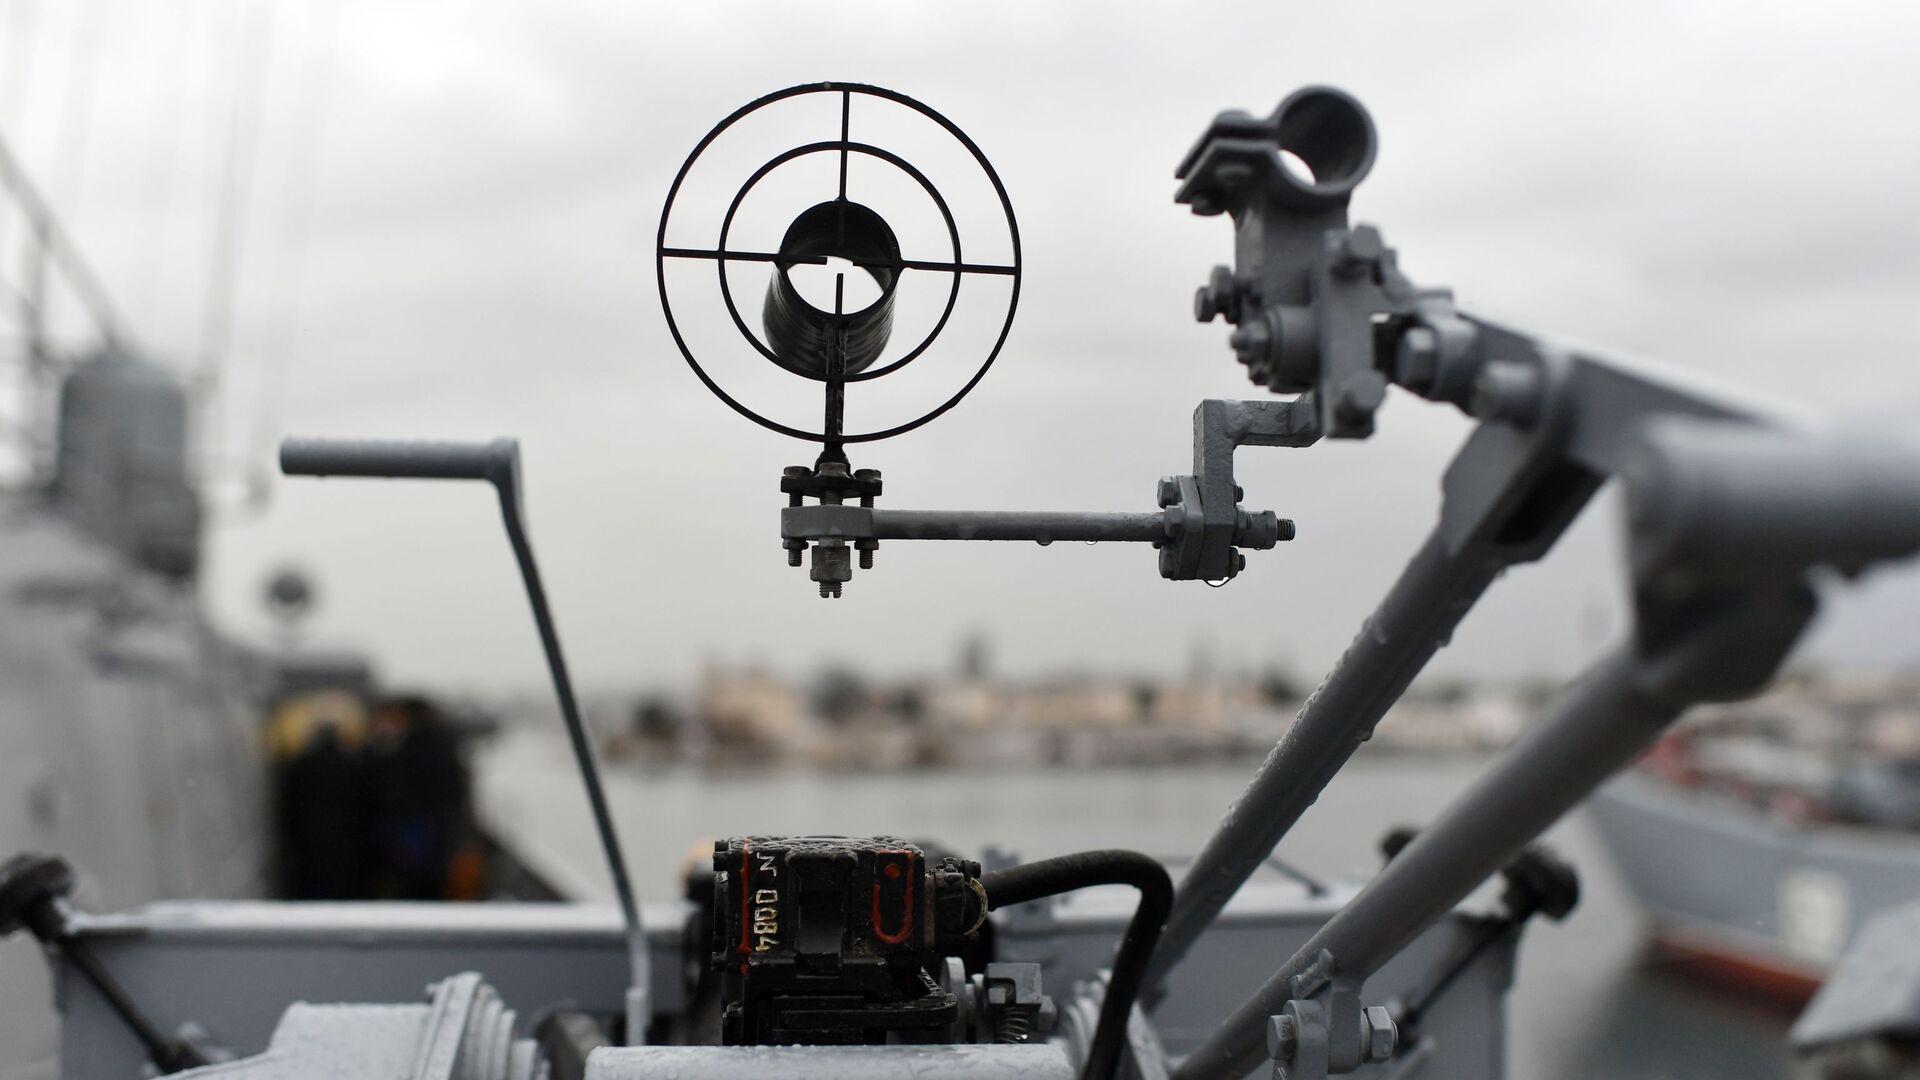 Прицел крупнокалиберного 14,5-мм пулемета на новейшем малом ракетном корабле проекта 21631 ВМФ России Орехово-Зуево в Севастополе - РИА Новости, 1920, 20.07.2021